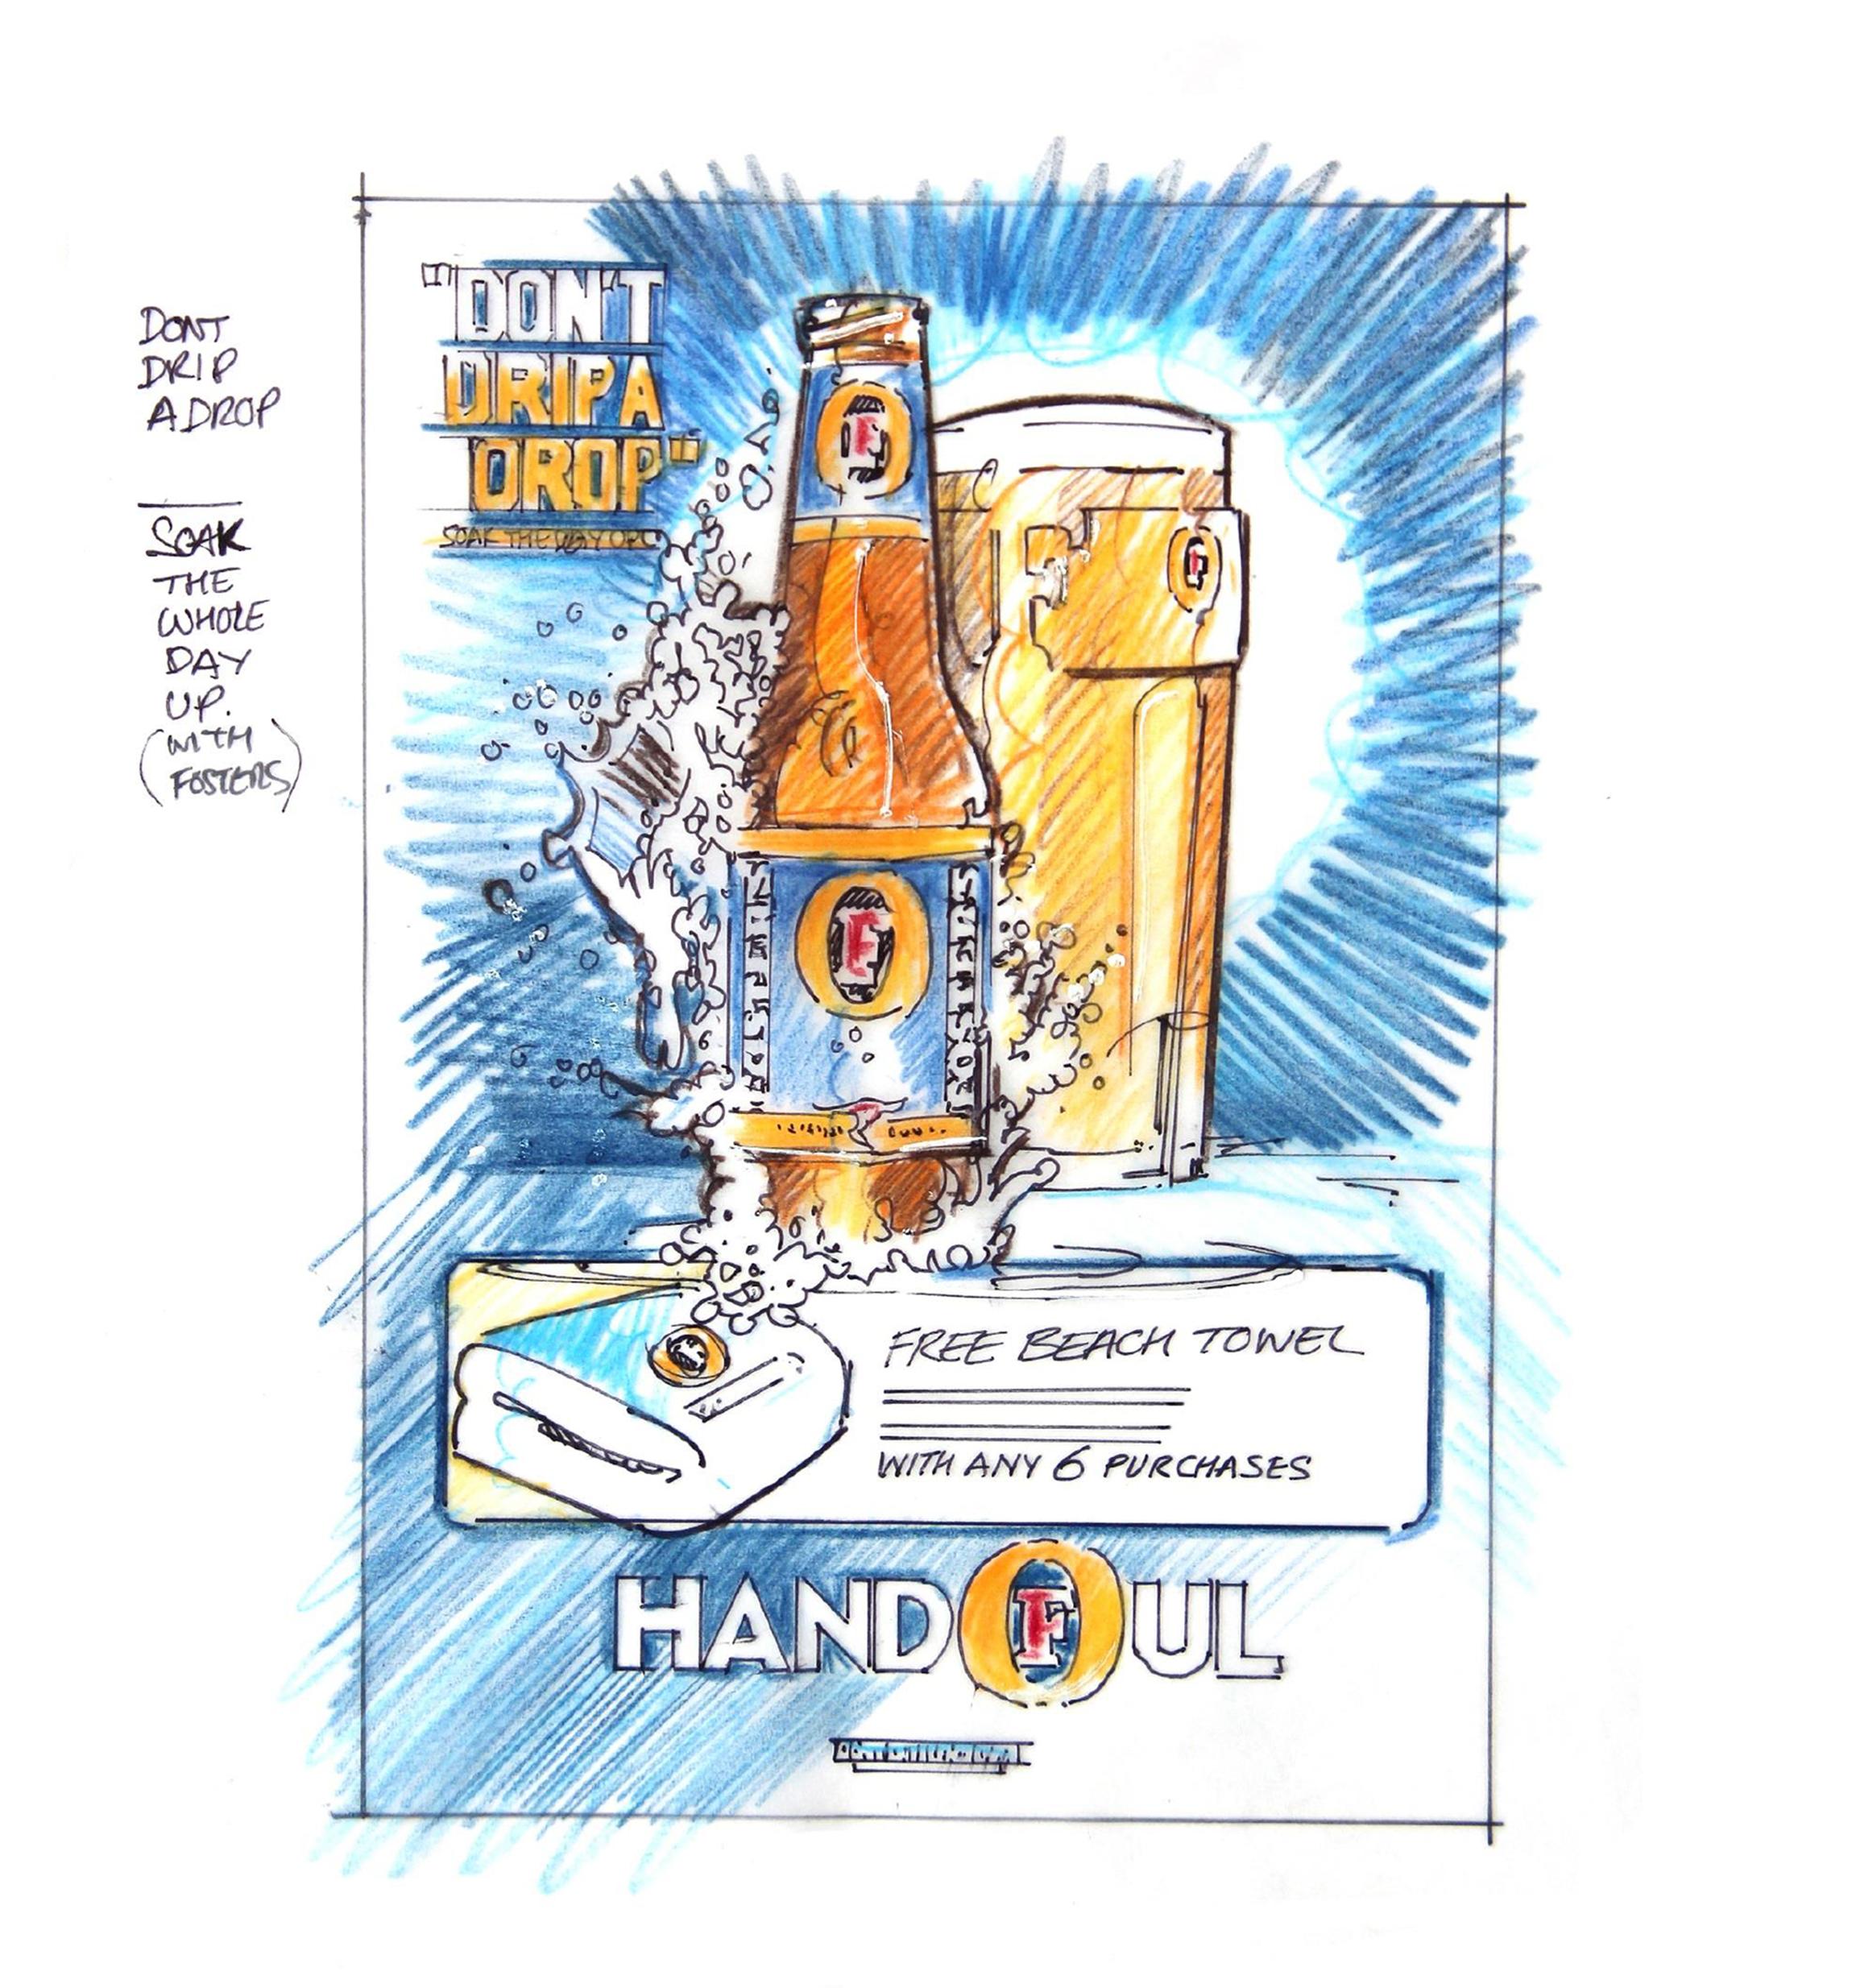 HAND(F)UL